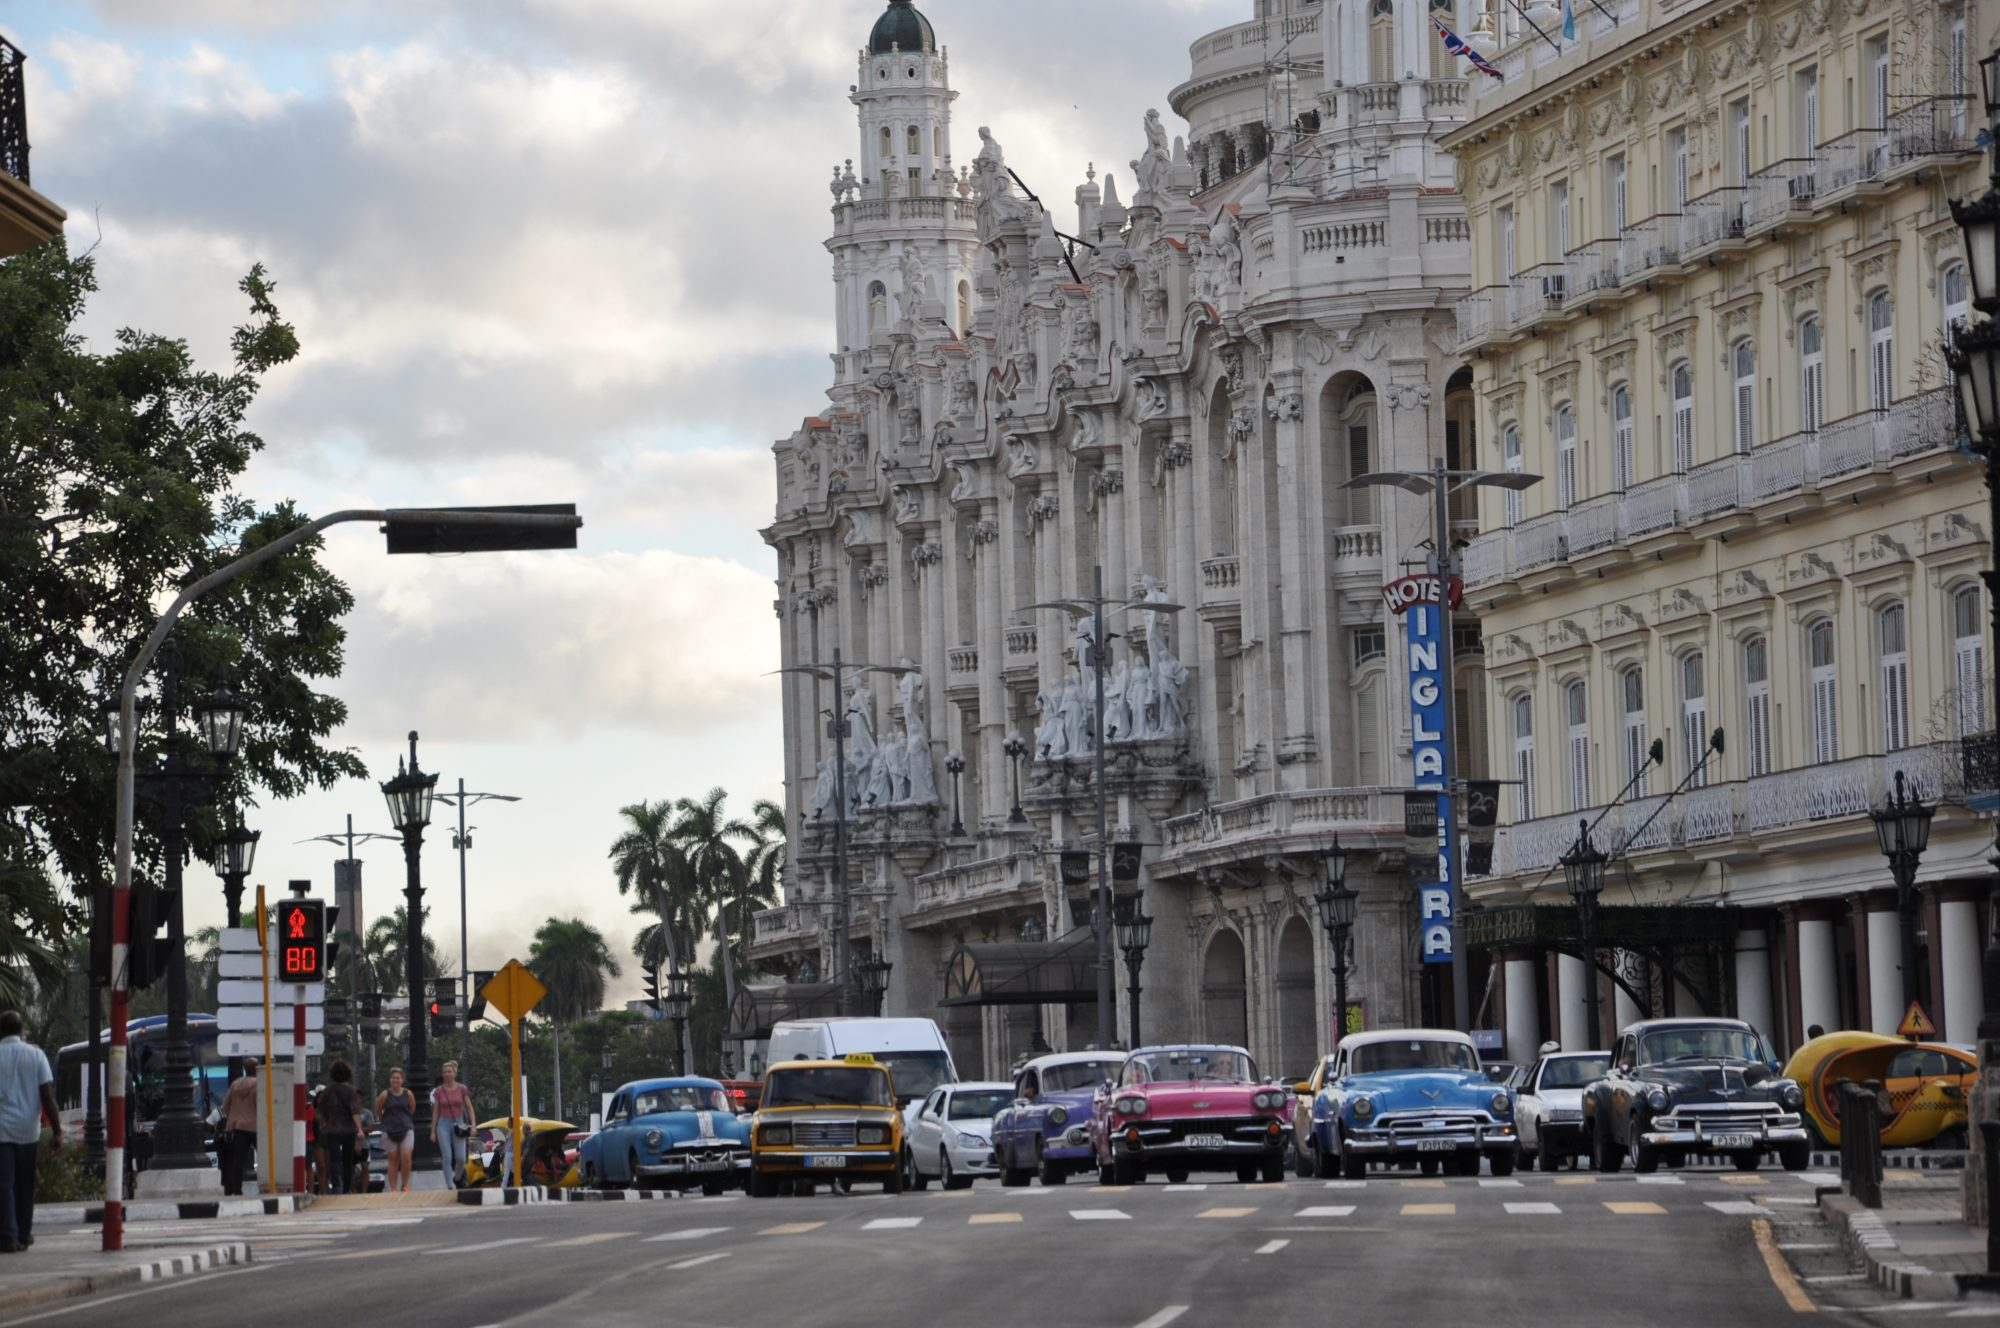 Kuba, ostrvo lepote i raspada sa dušom